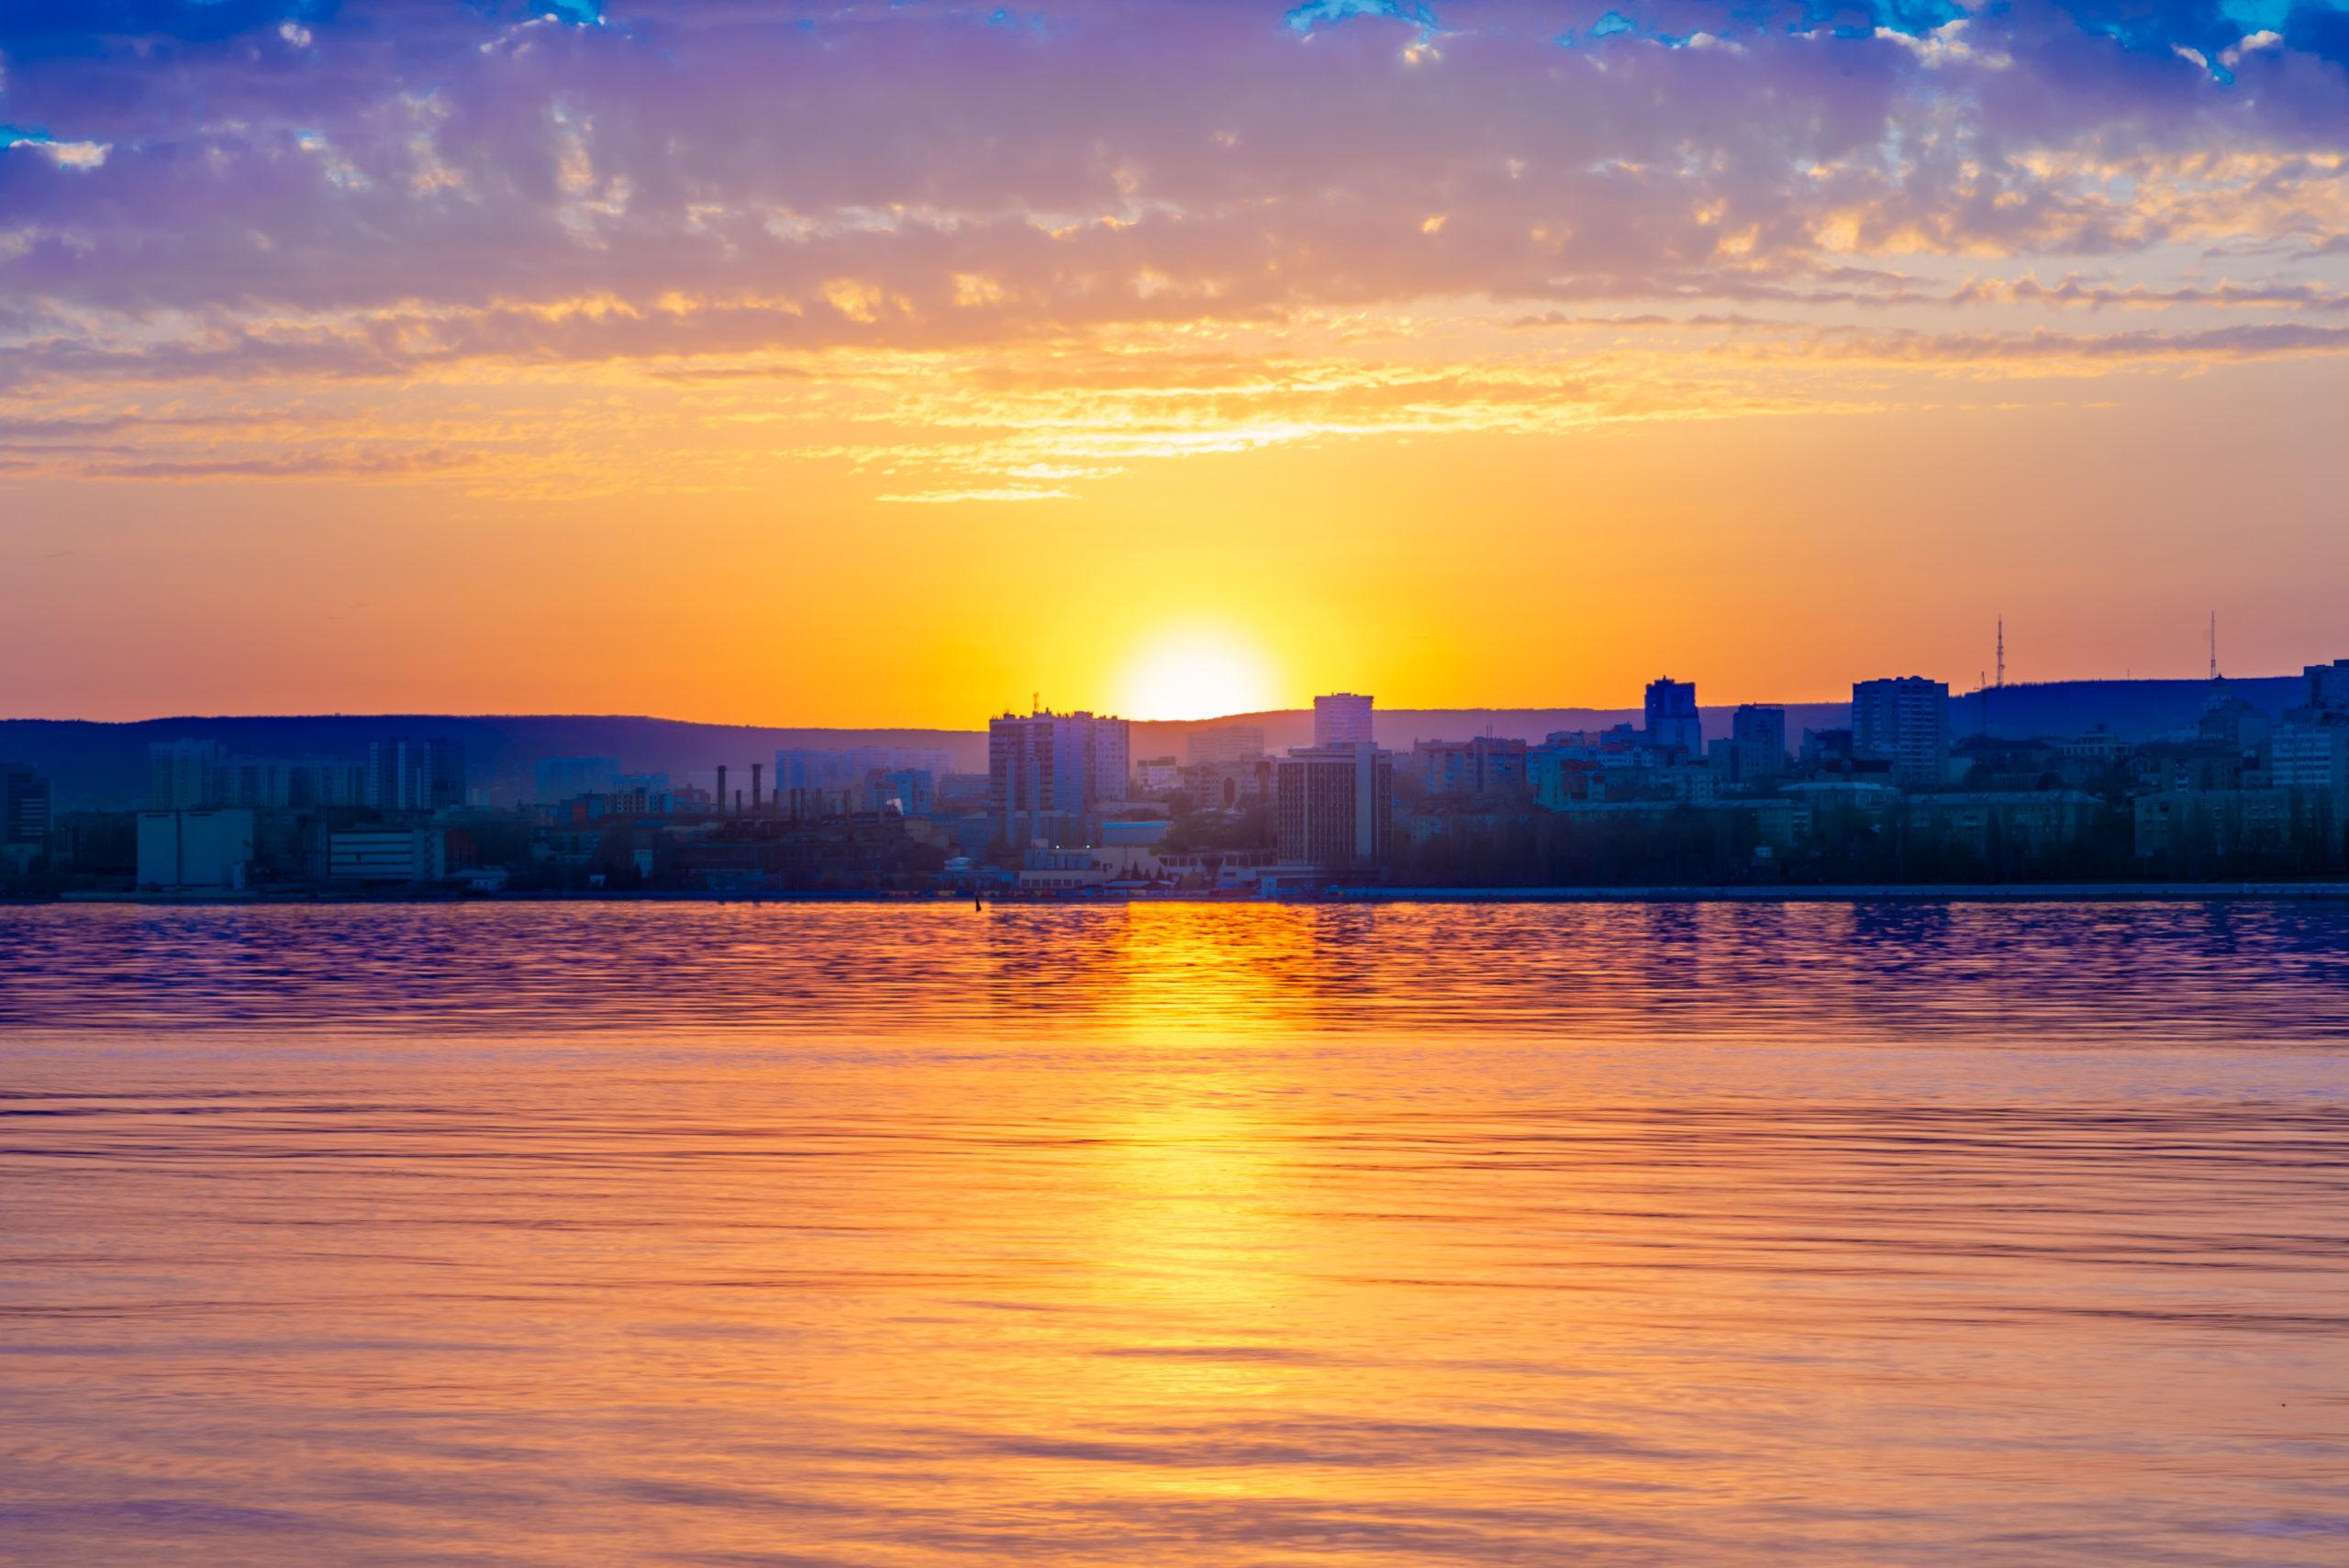 Закатный пейзаж с видом на Саратов